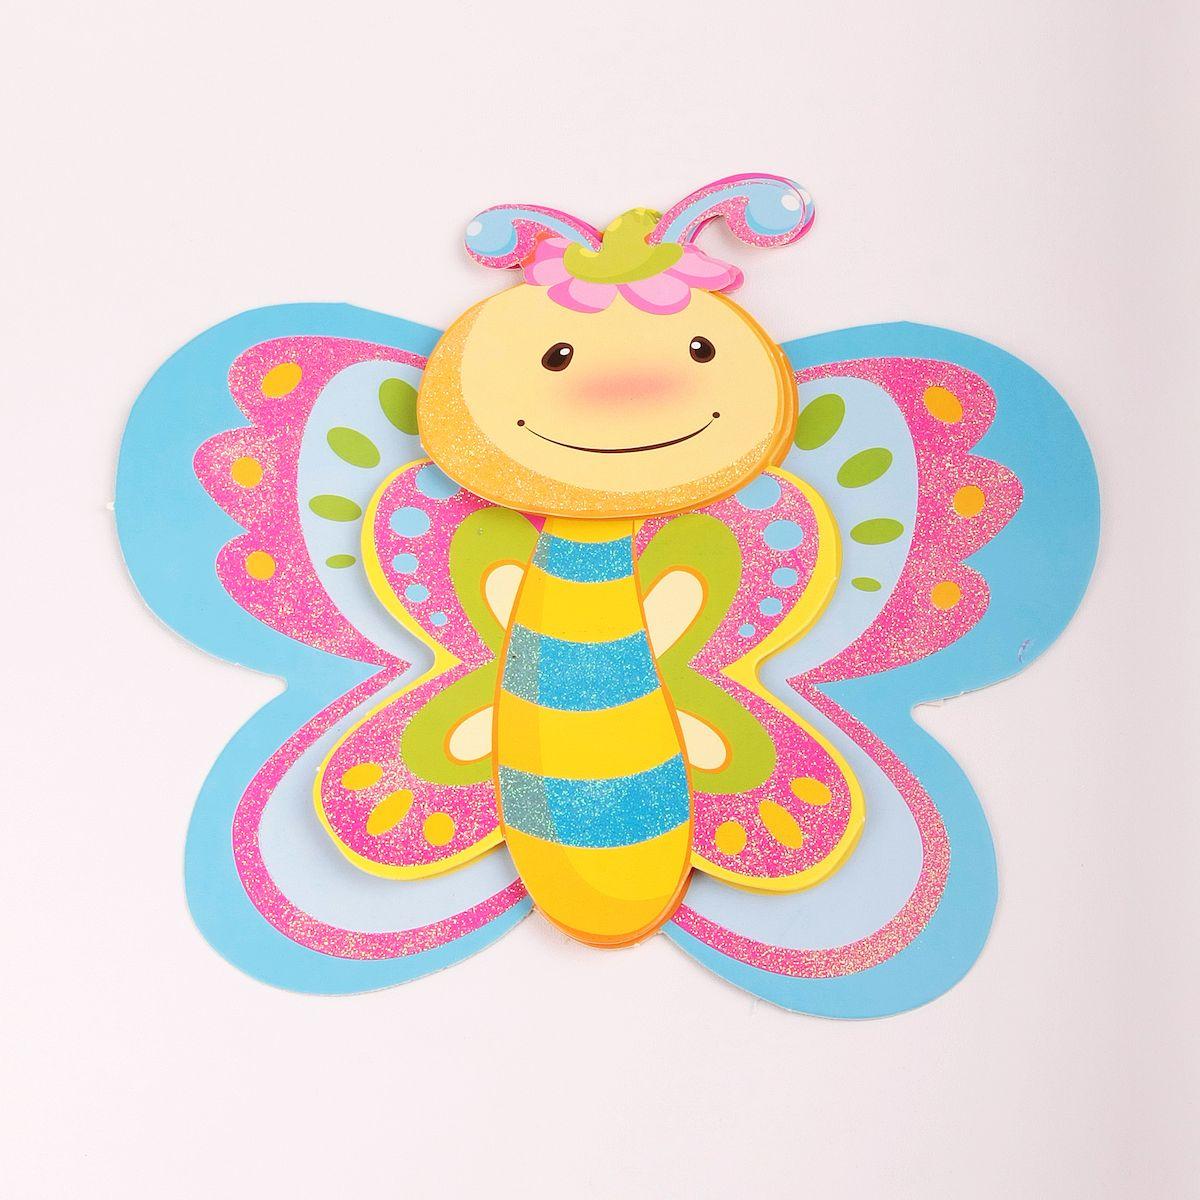 Наклейка декоративная Magic Home Бабочка, 35,5 х 25 см. 31826THN132NЯркая, забавная наклейка украсит не только детскую комнату, но и станет отличным дополнением к любому подарку. Наклейку можно использовать как украшение стен и, например, фасадов шкафов и различных ящиков.